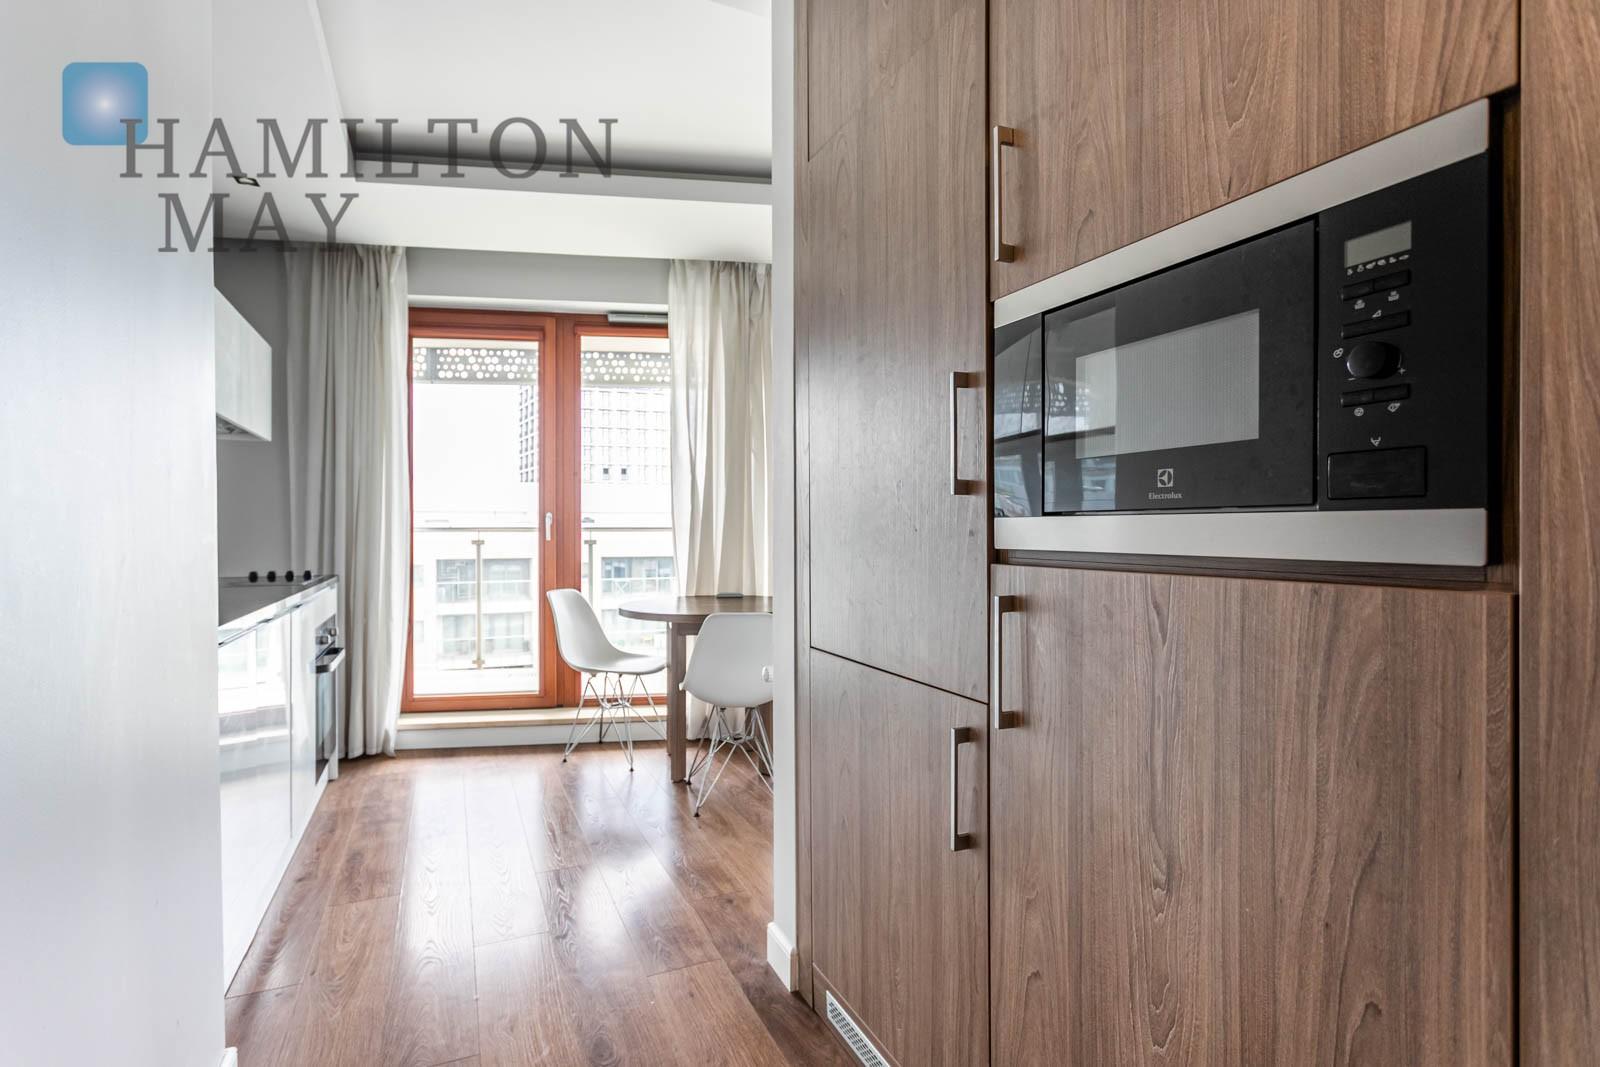 Ciche, dwupokojowe mieszkanie ztarasemprzy ulicy Wroniej 45 Warszawa na sprzedaż